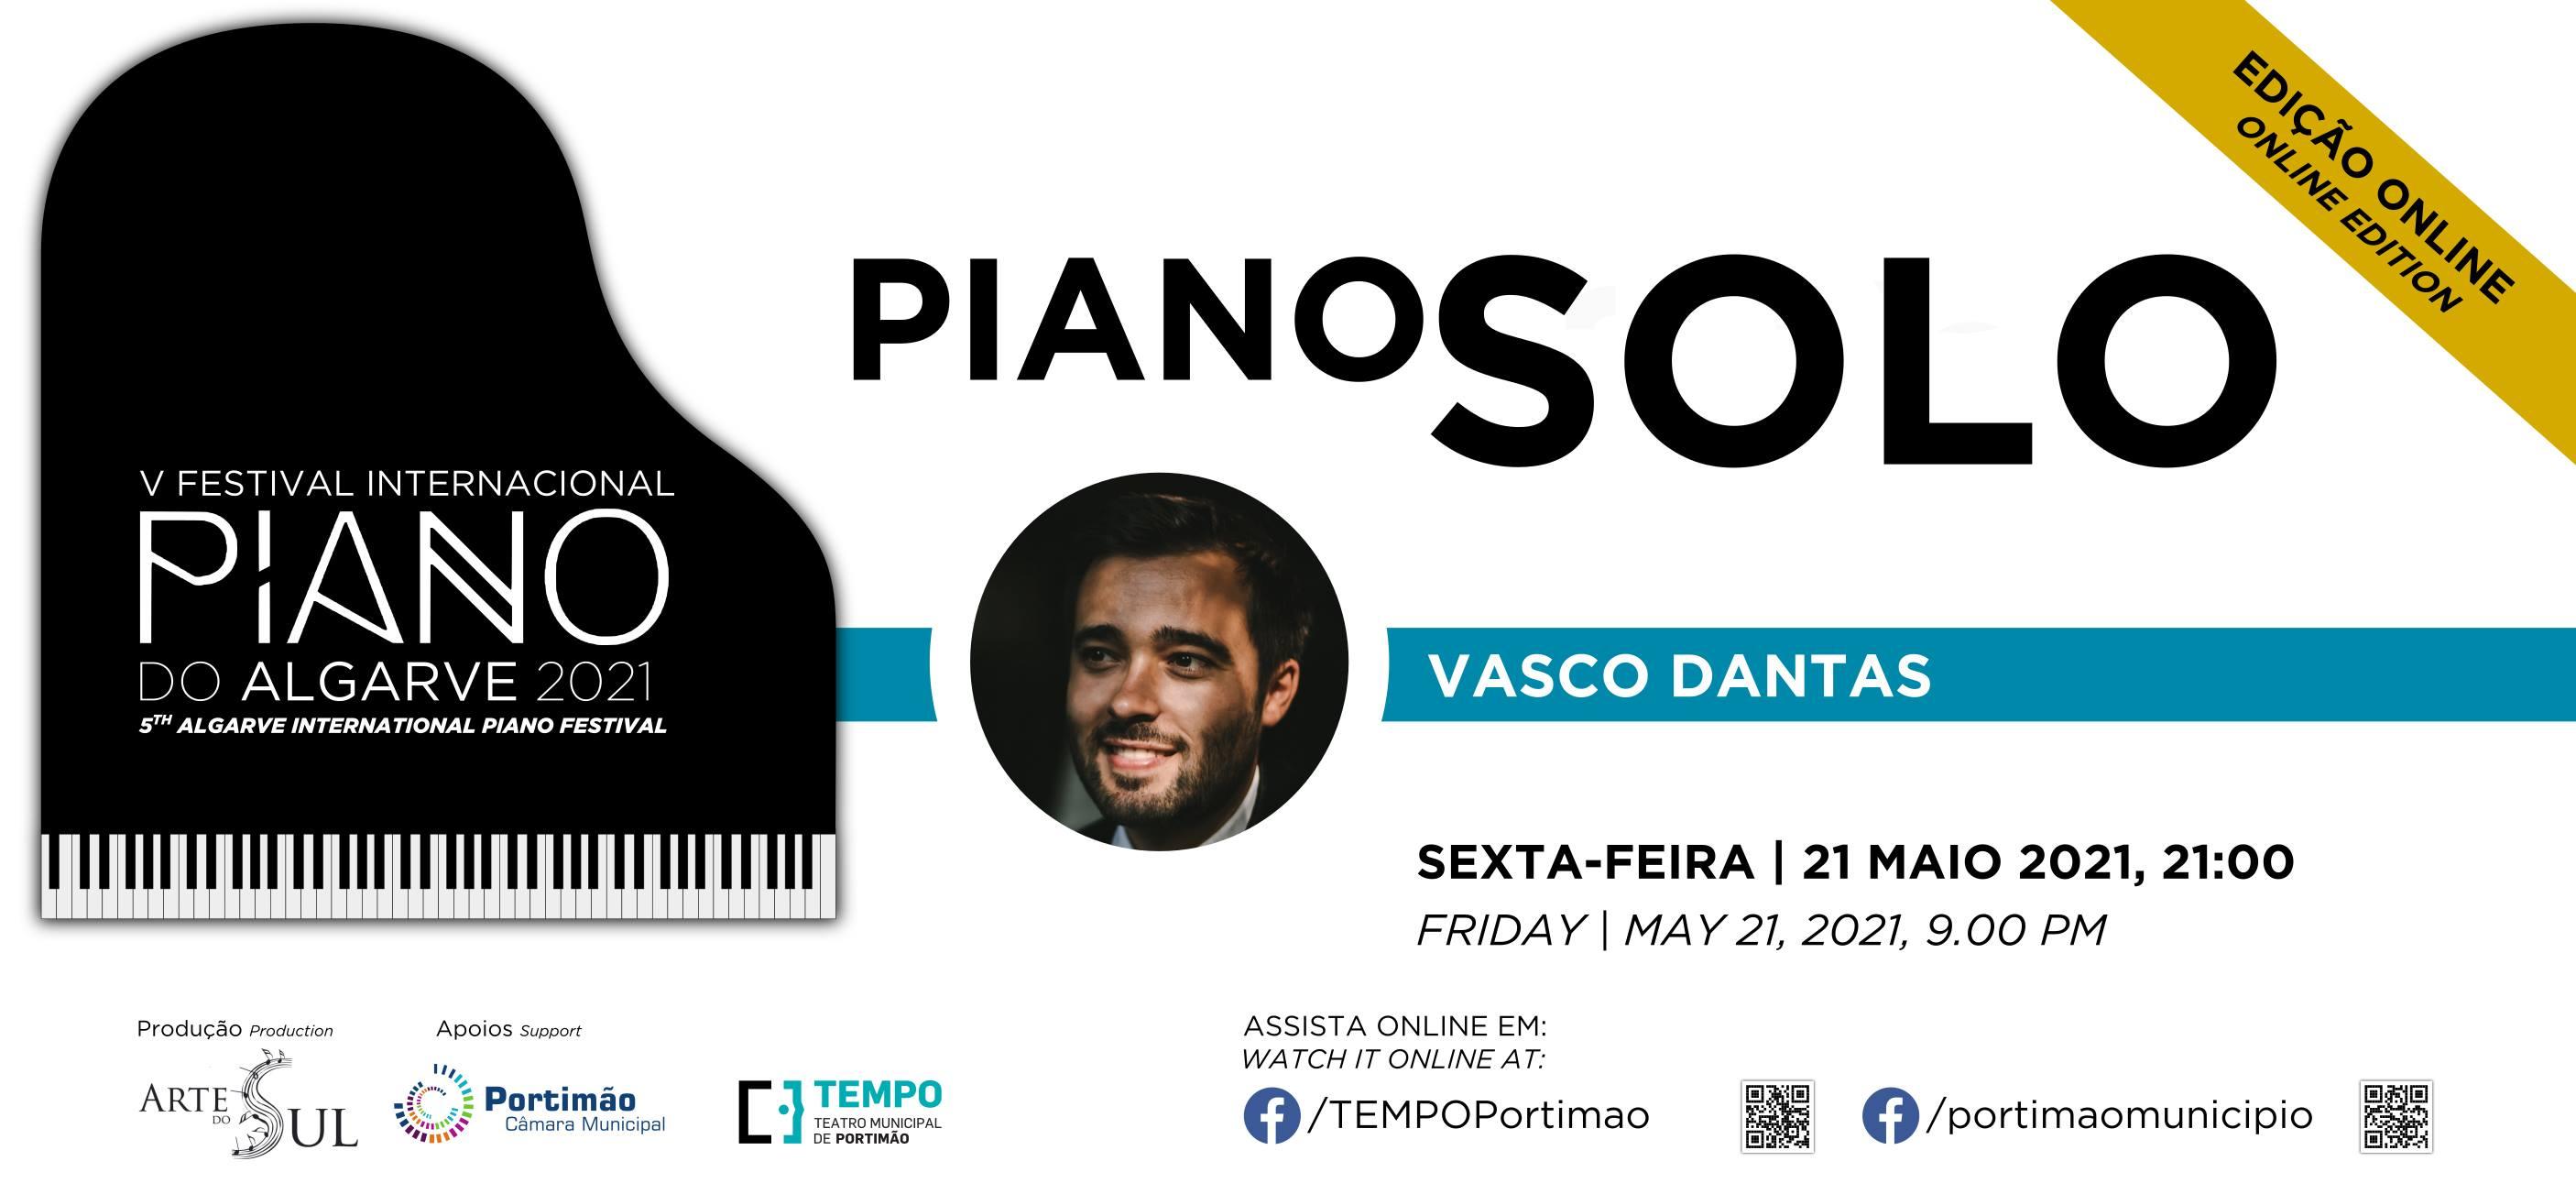 Piano Solo: Vasco Dantas